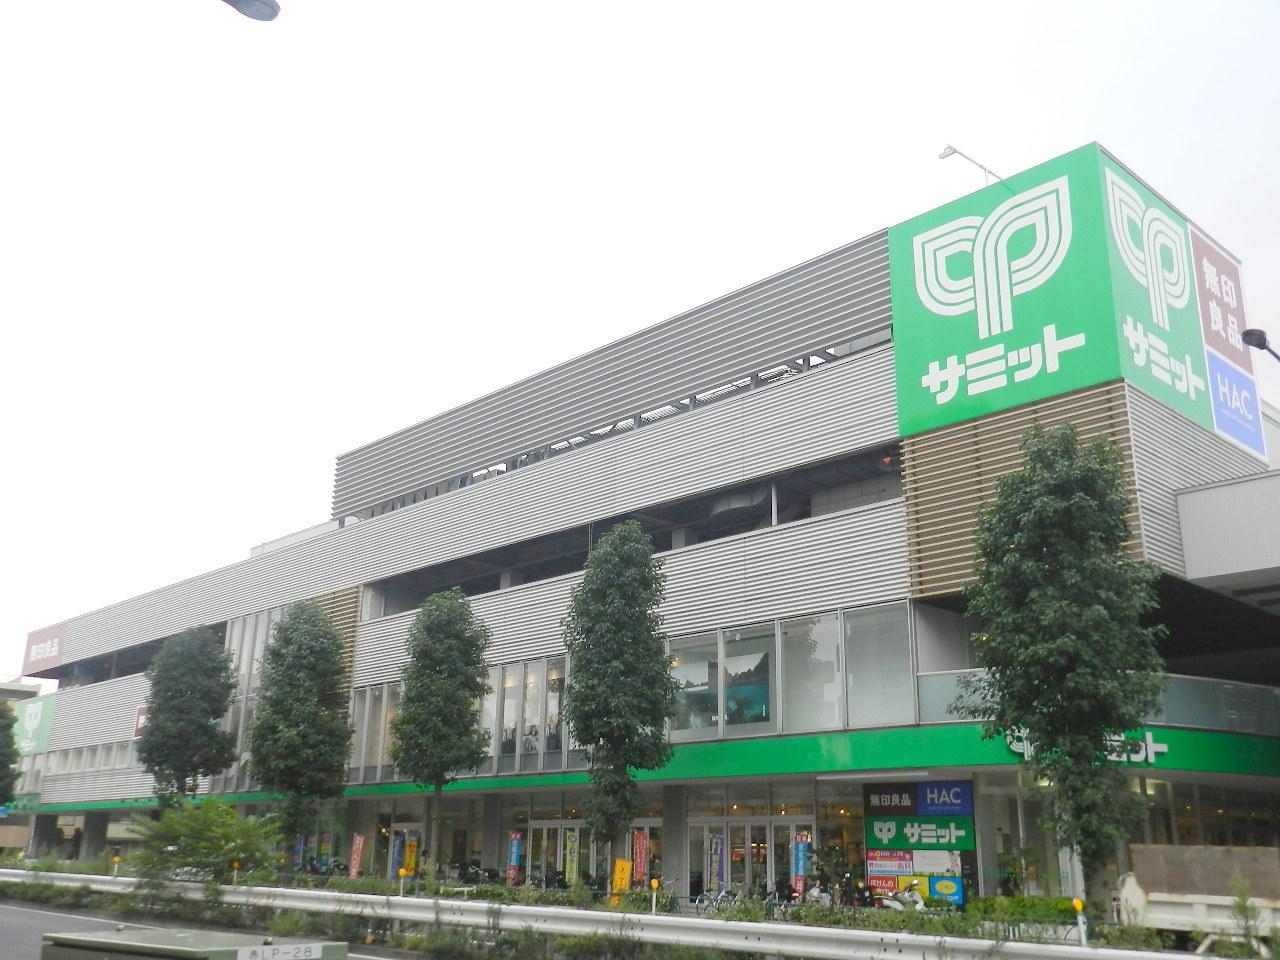 スーパー:サミットストア 砧環八通り店 445m